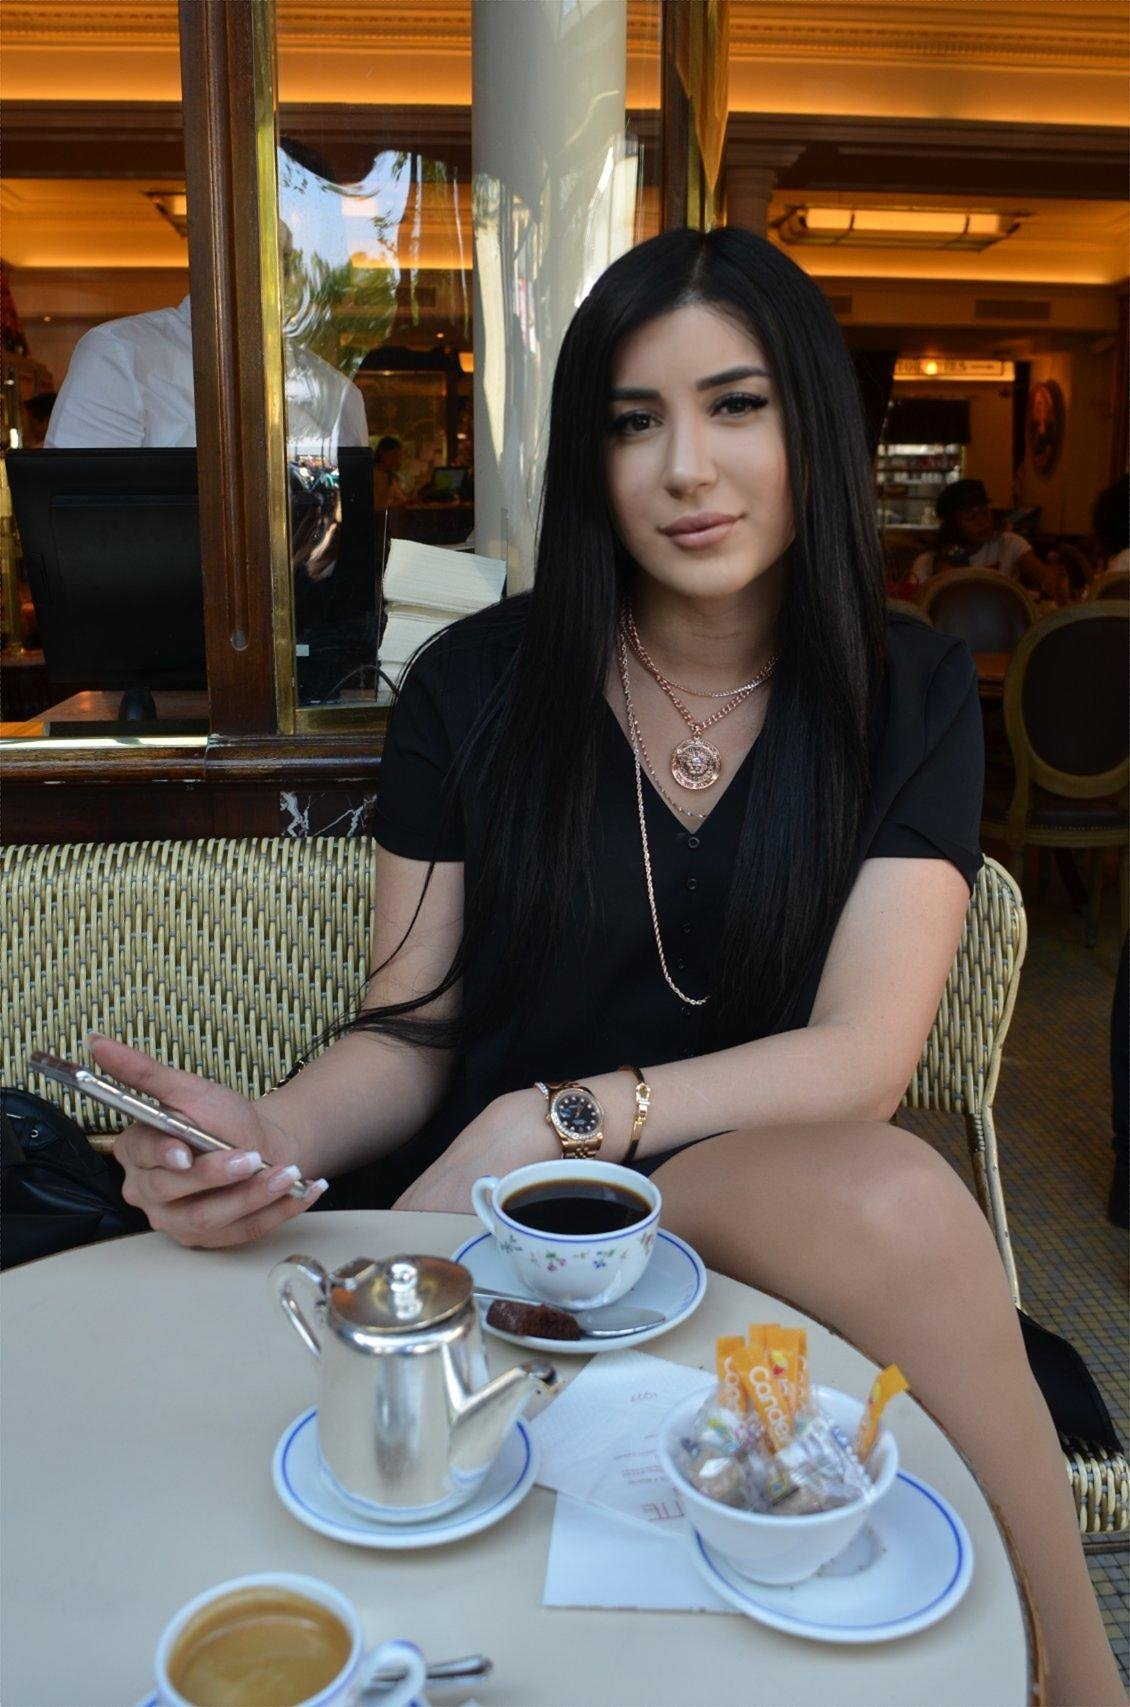 נערות ליווי בתל אביב והמרכז - מיי – האישה הכי מהממת בת 27 בתל אביב והמרכז